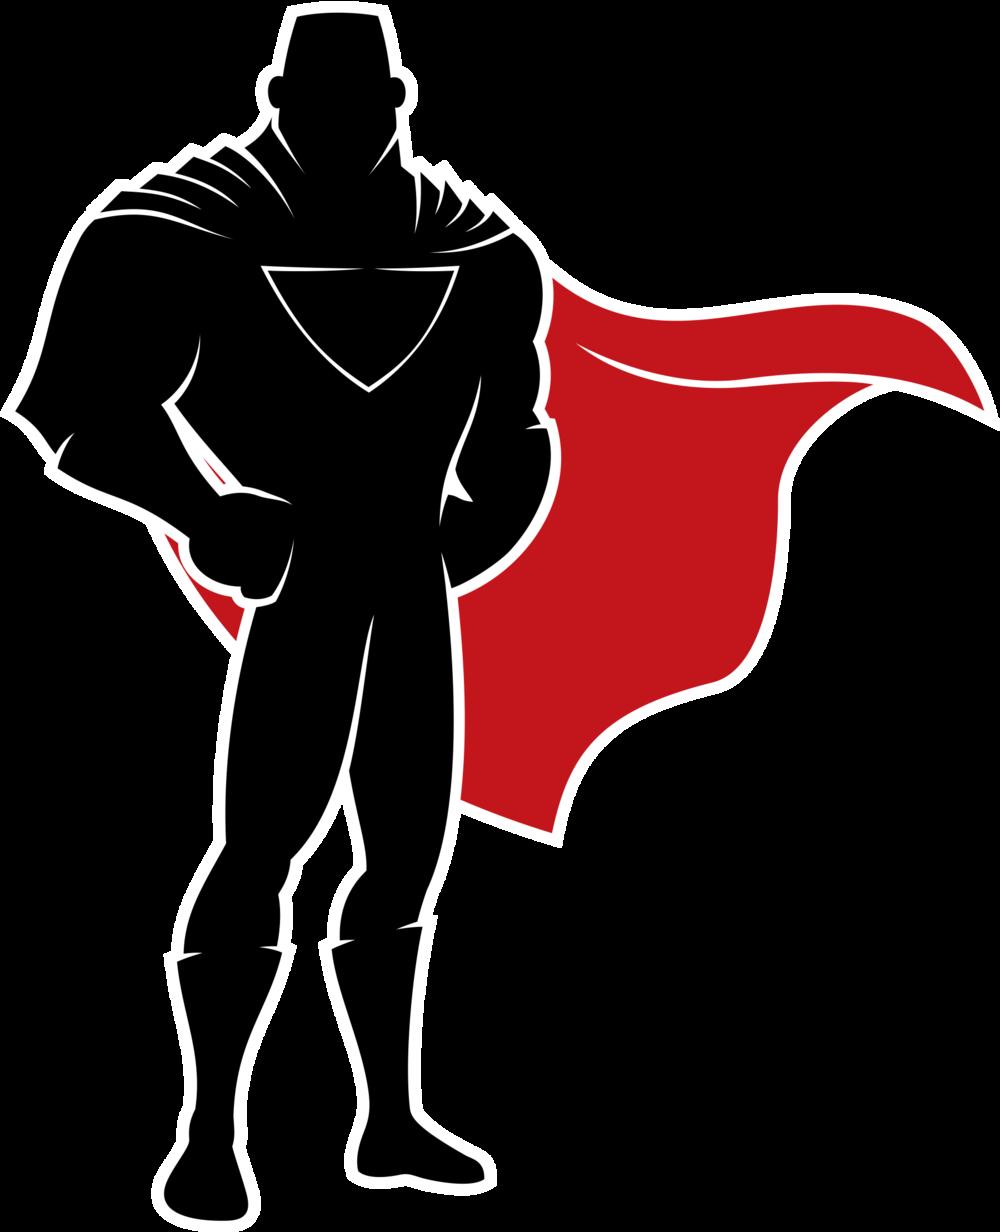 SuperHero-1.png